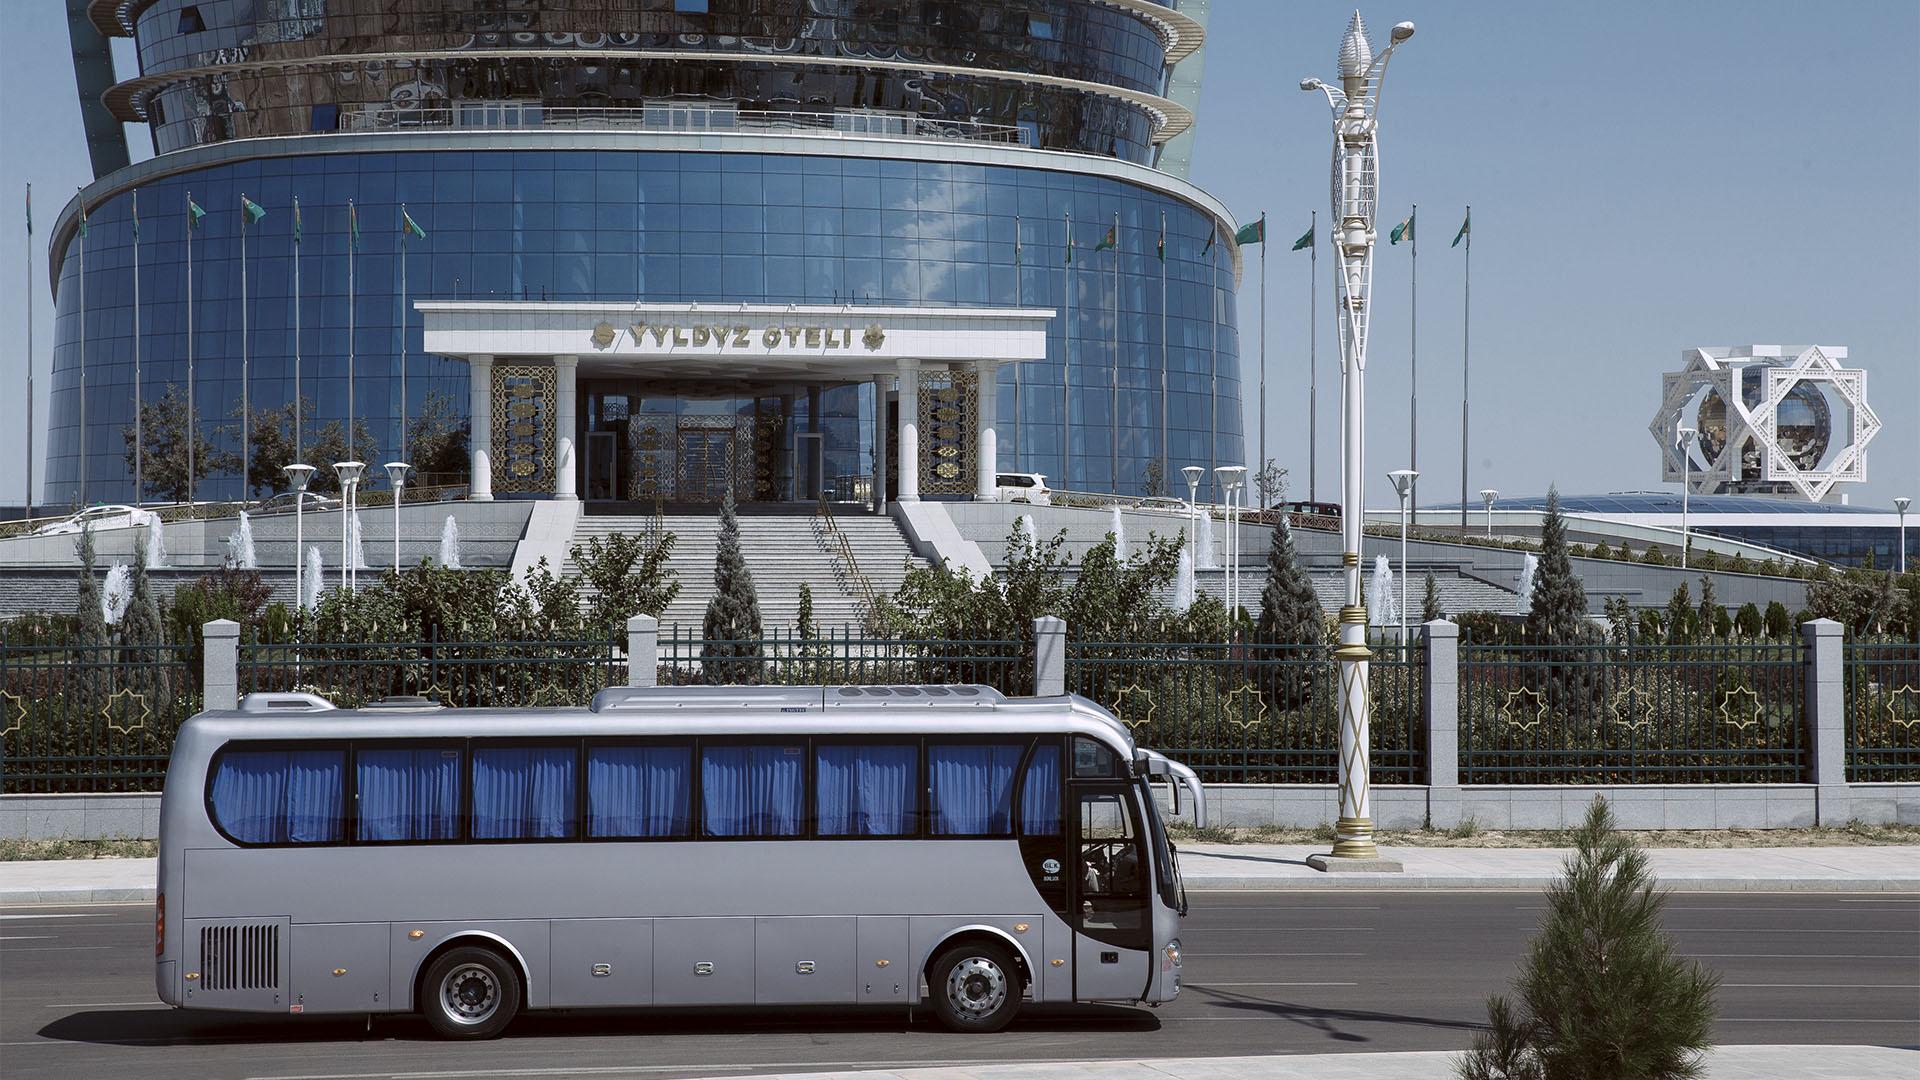 Ford Explorer, DN Tours business travel agency, rent a car Ashgabat Turkmenistan